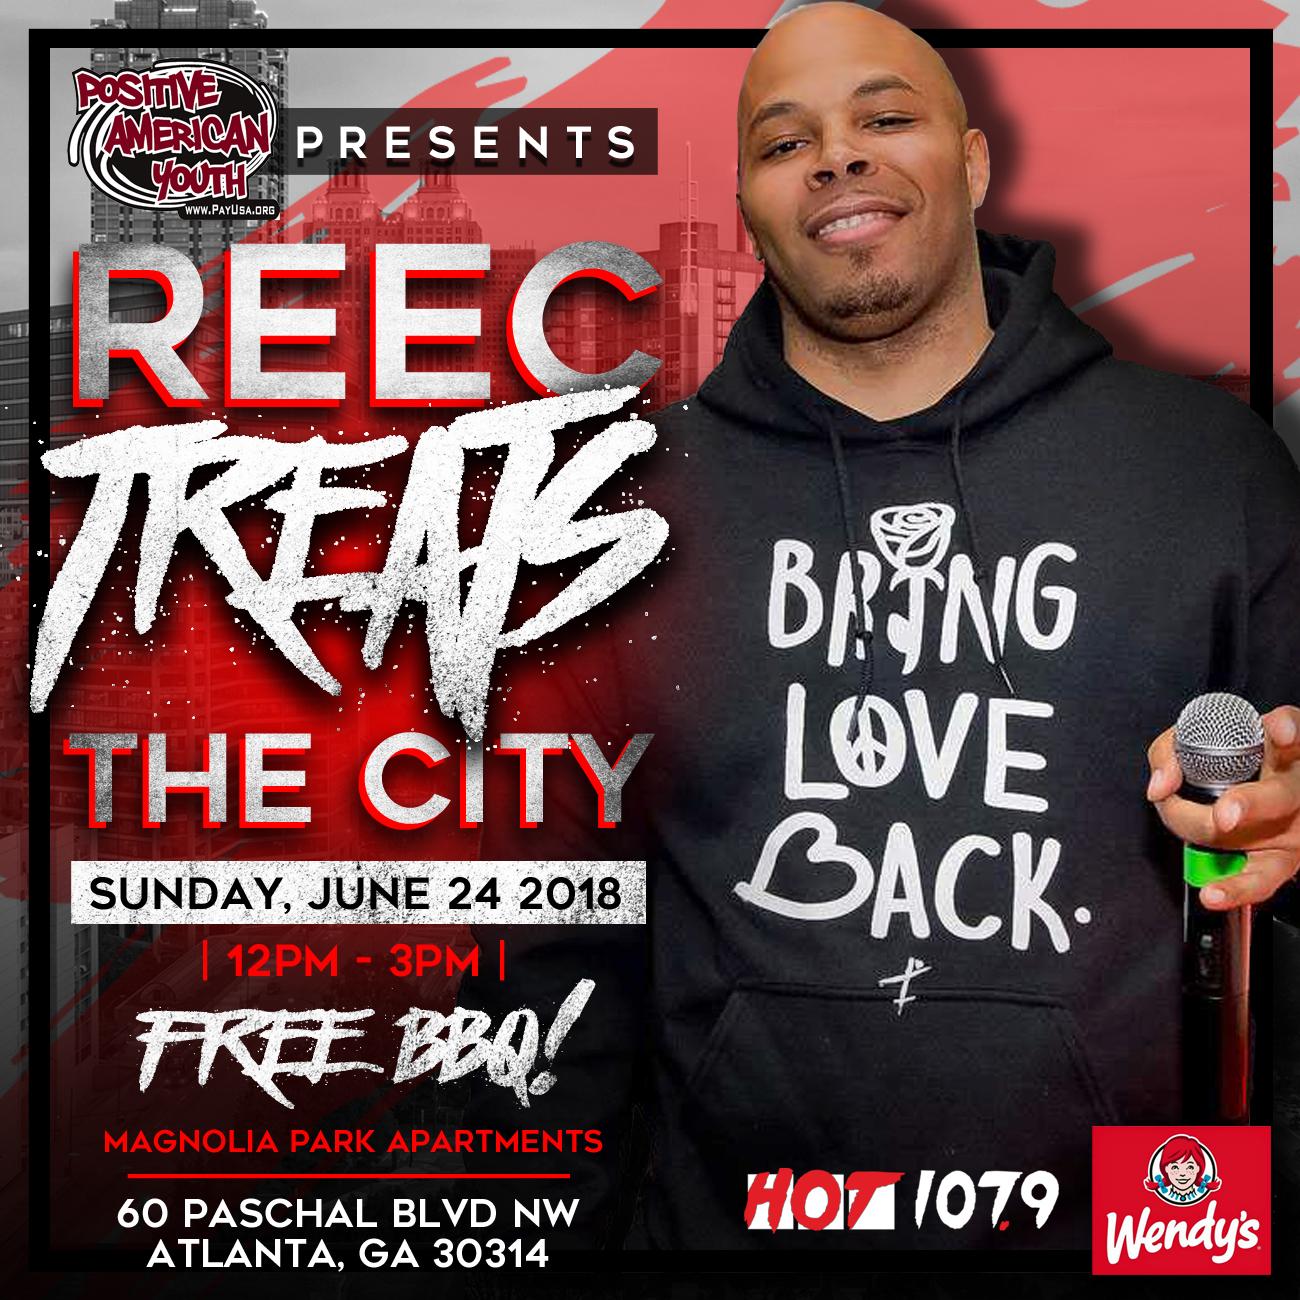 Reec Treats The City